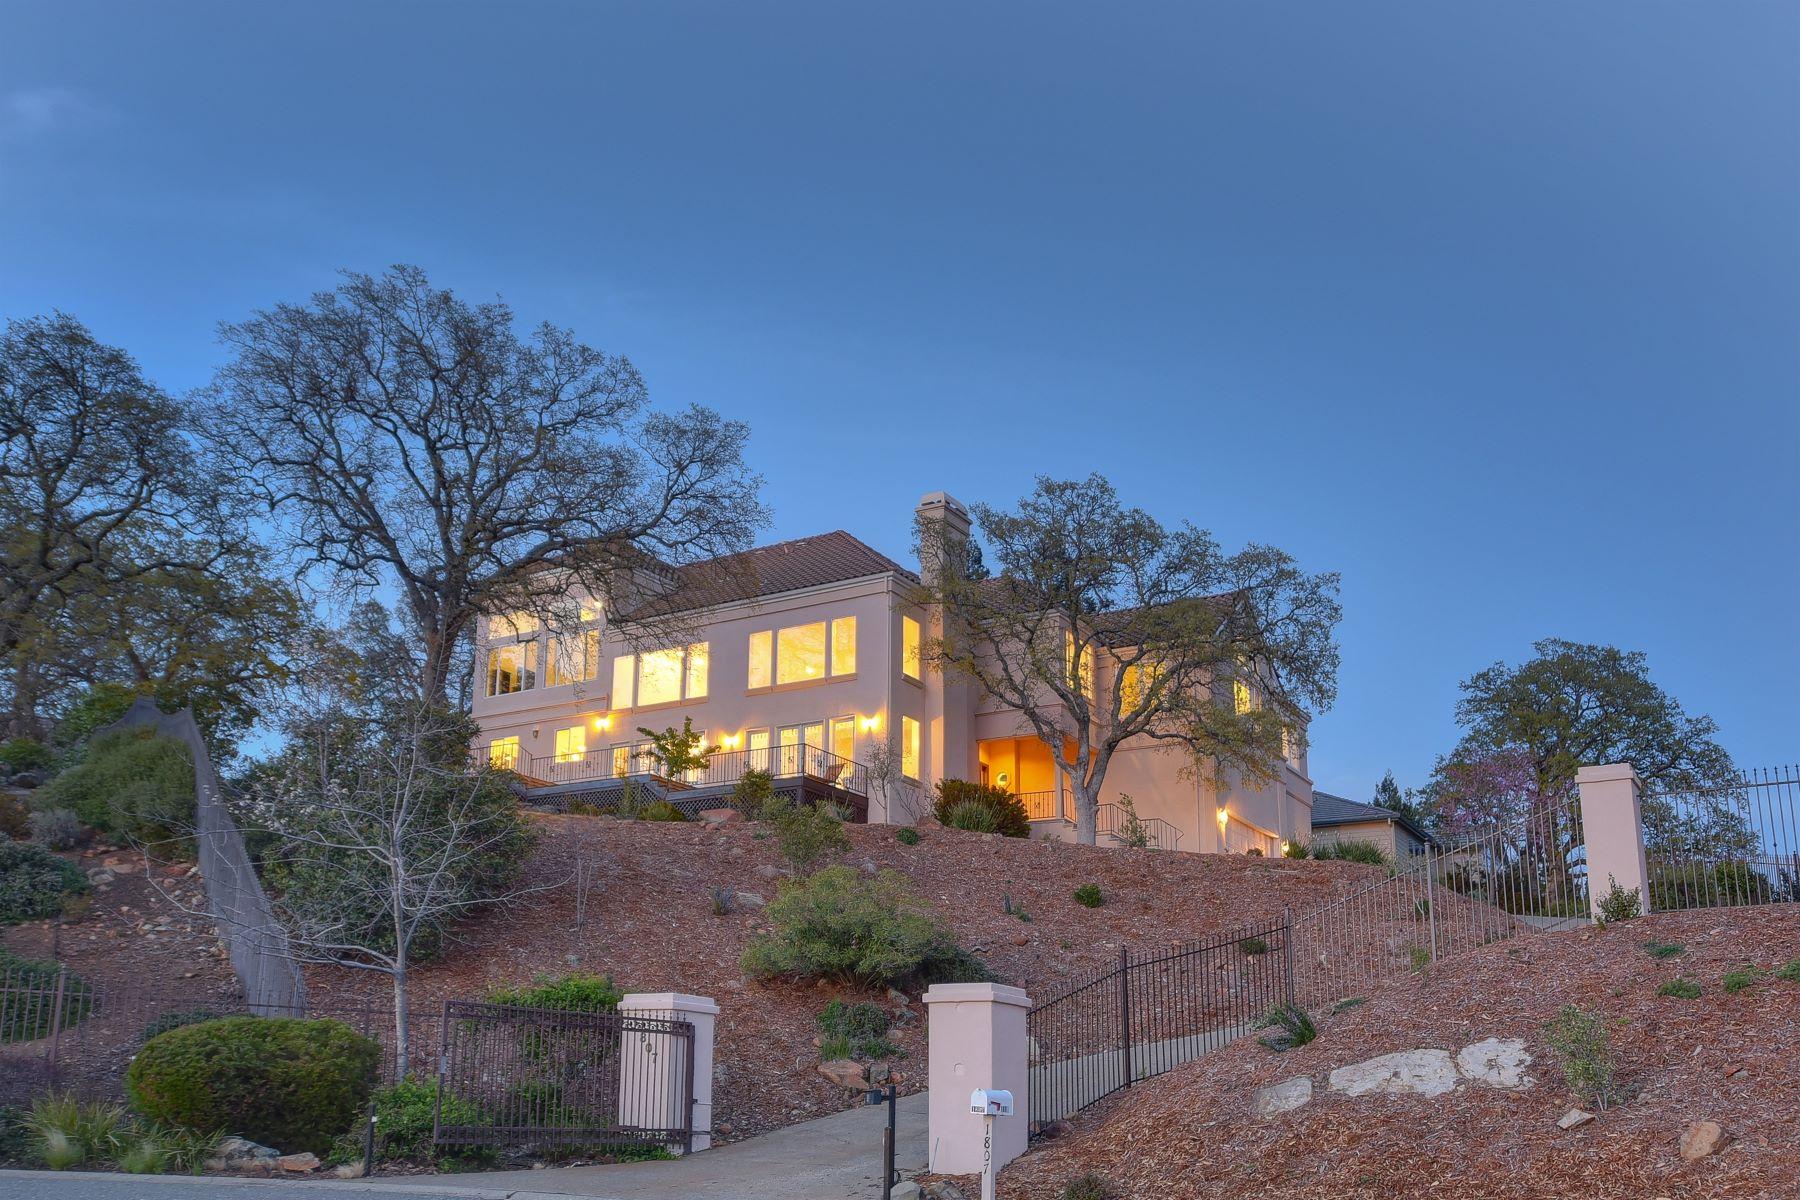 独户住宅 为 销售 在 Breathtaking views and amazing sunsets 1807 Barcelona Court El Dorado Hills, 加利福尼亚州 95762 美国